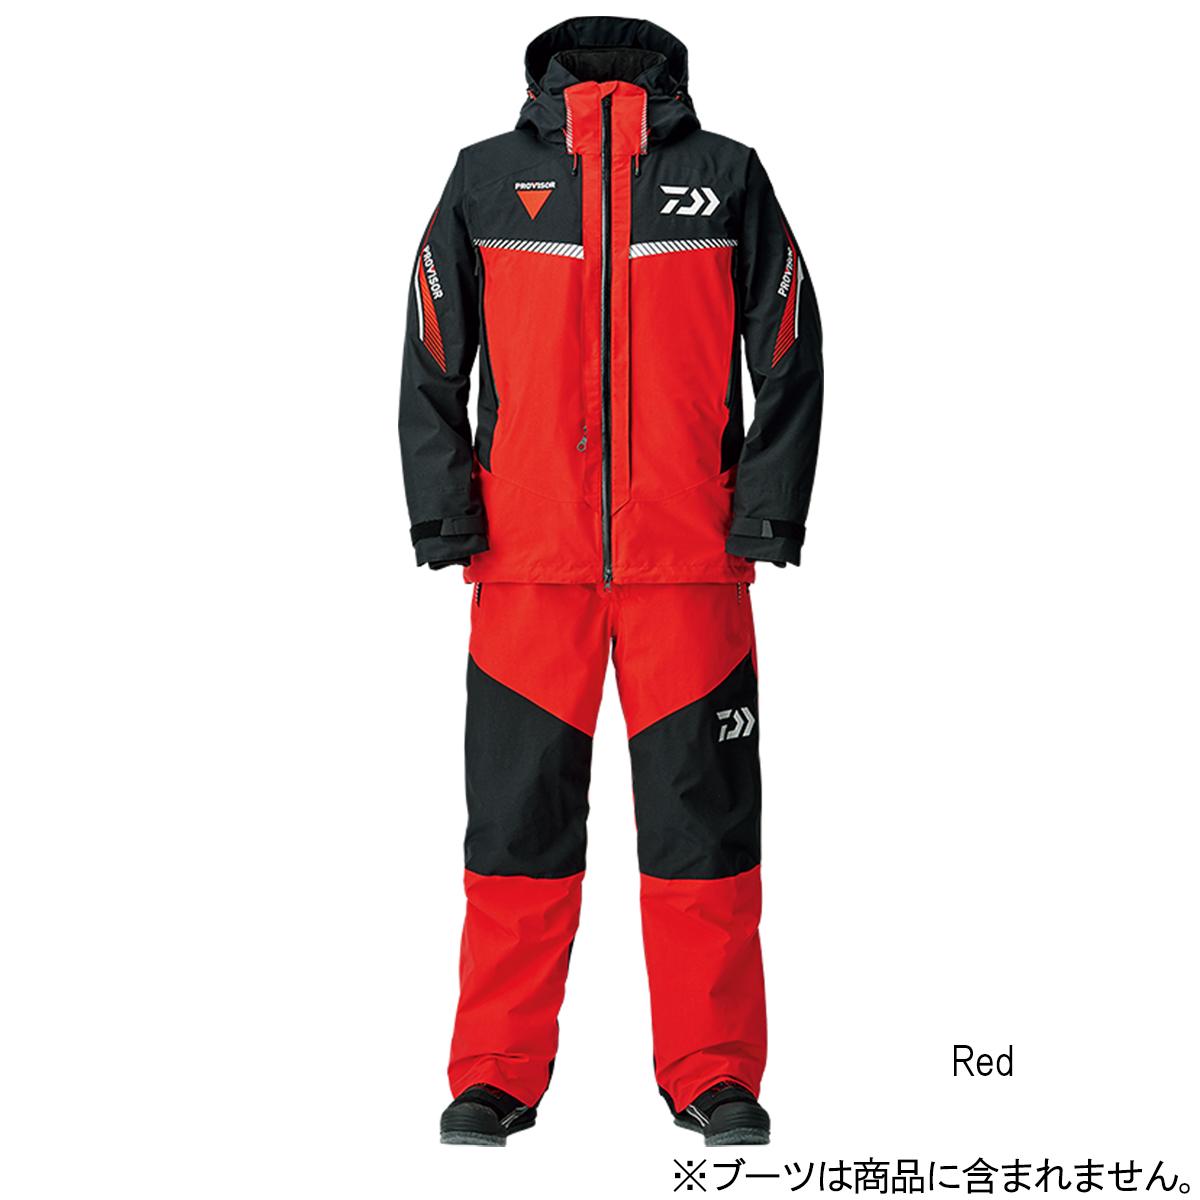 ダイワ ゴアテックス プロダクト ファブリクス コンビアップ ウィンタースーツ DW-1308 XL Red【送料無料】